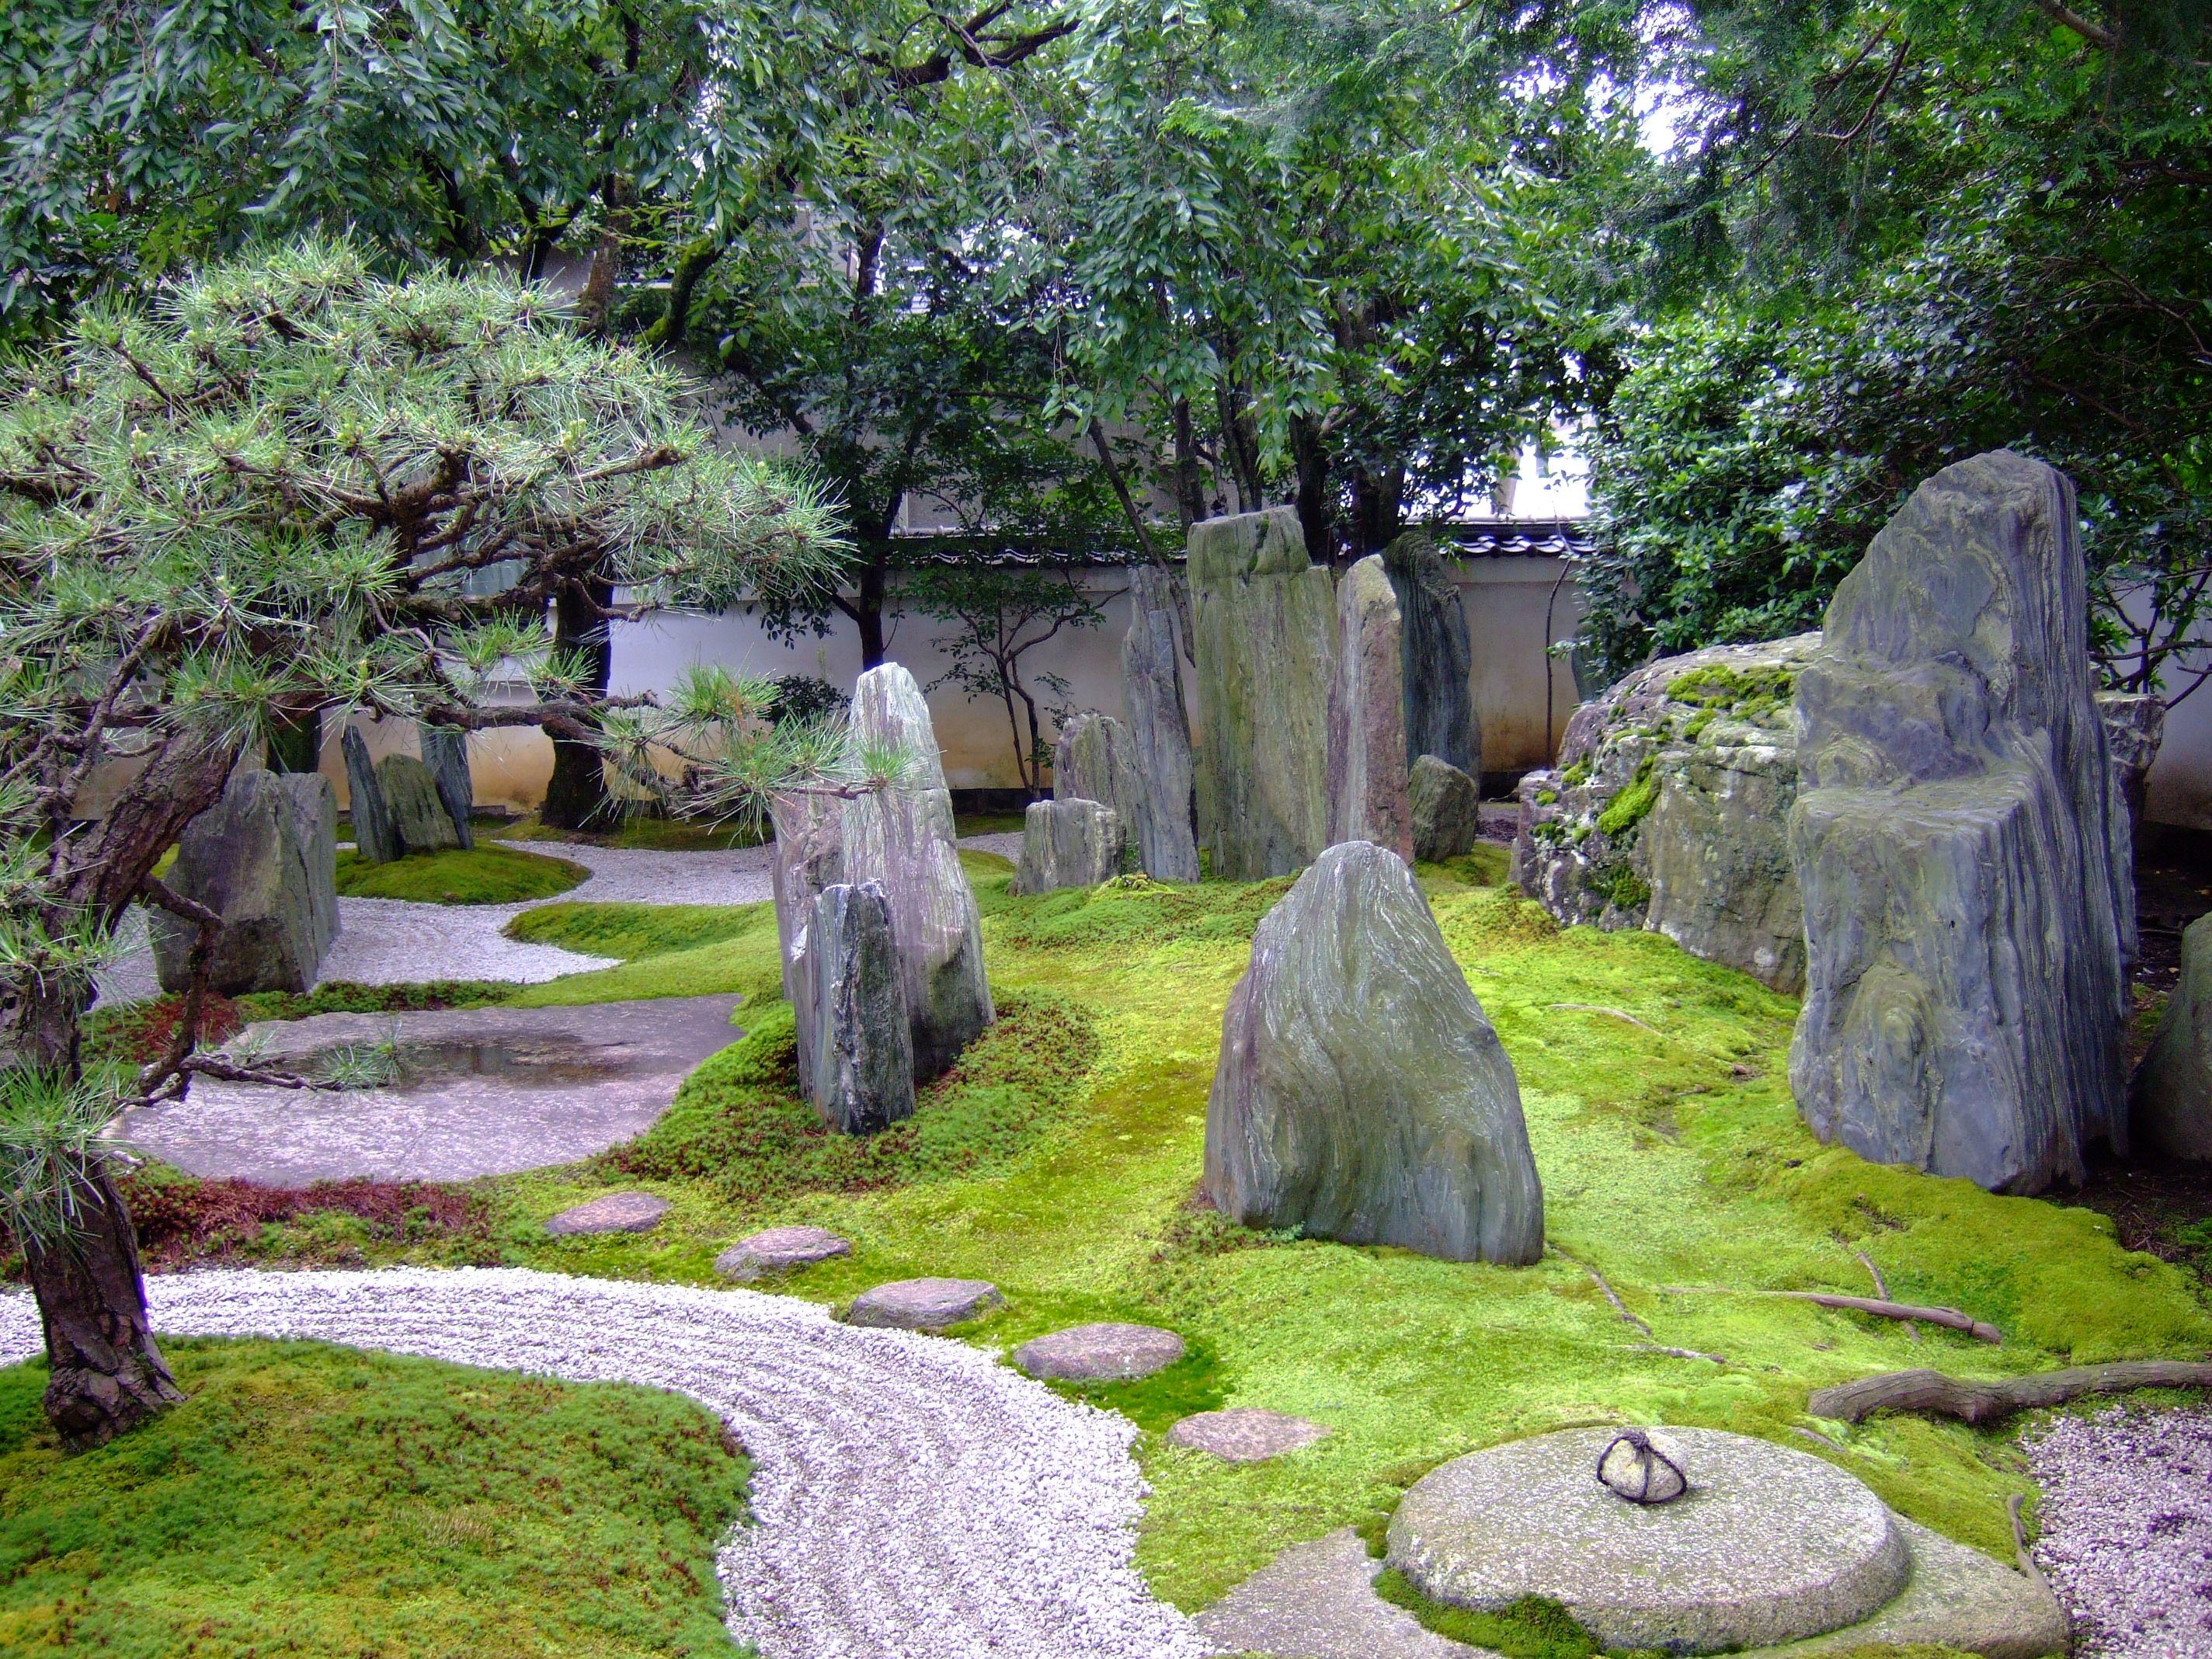 Jard n japon pierres for Jardin japonais 78